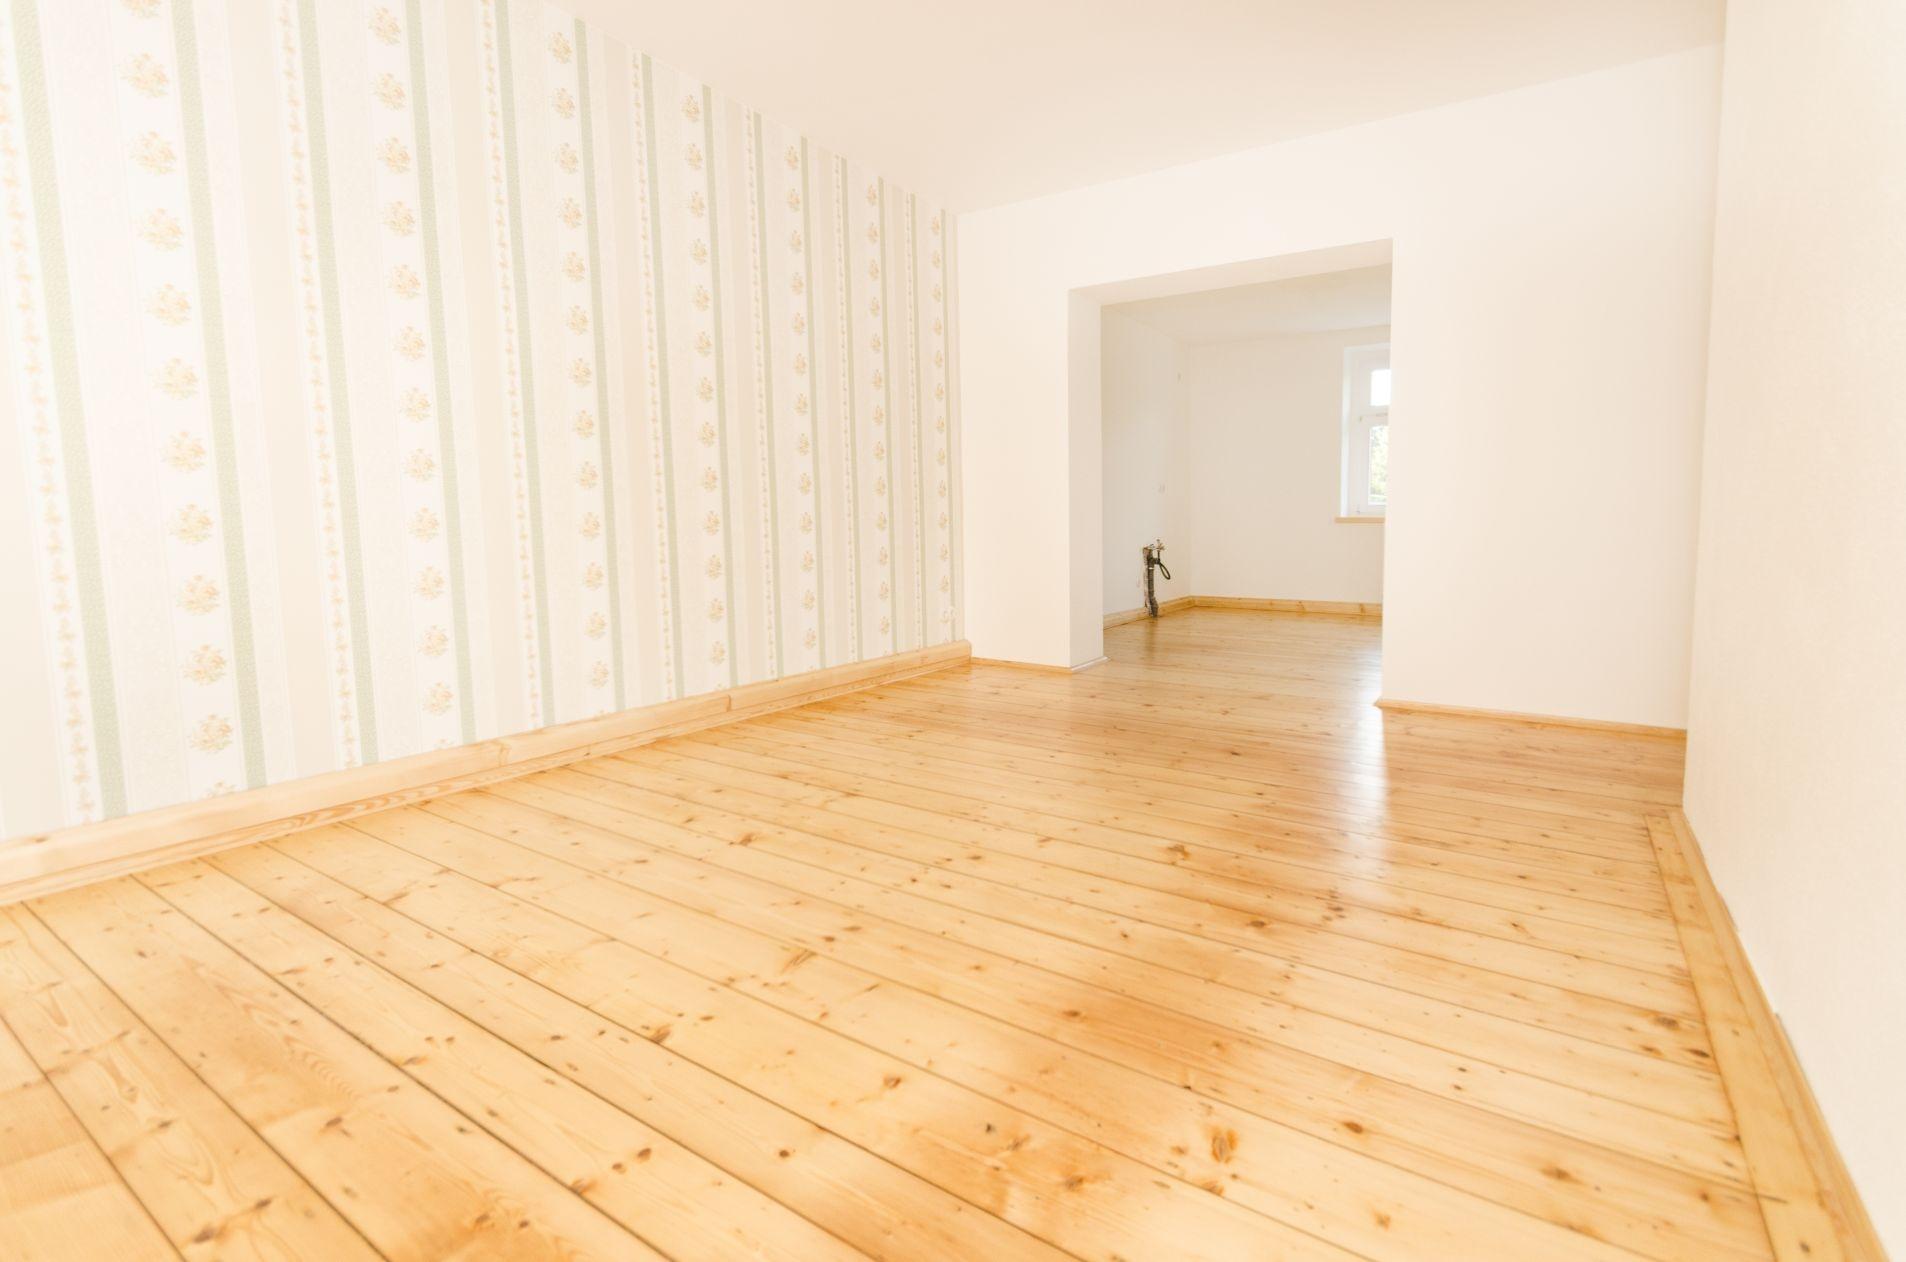 shabby chic flats altbauwohnungen in chemnitz im. Black Bedroom Furniture Sets. Home Design Ideas